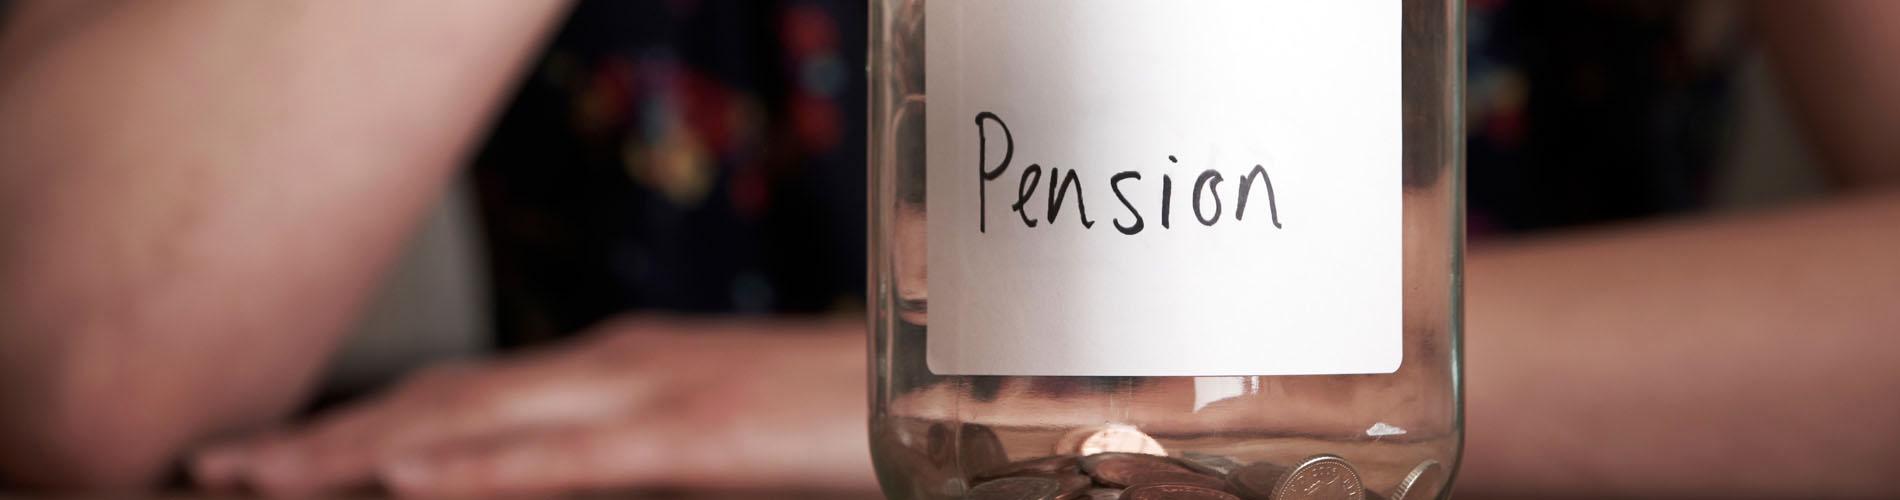 alusiva a la pensión